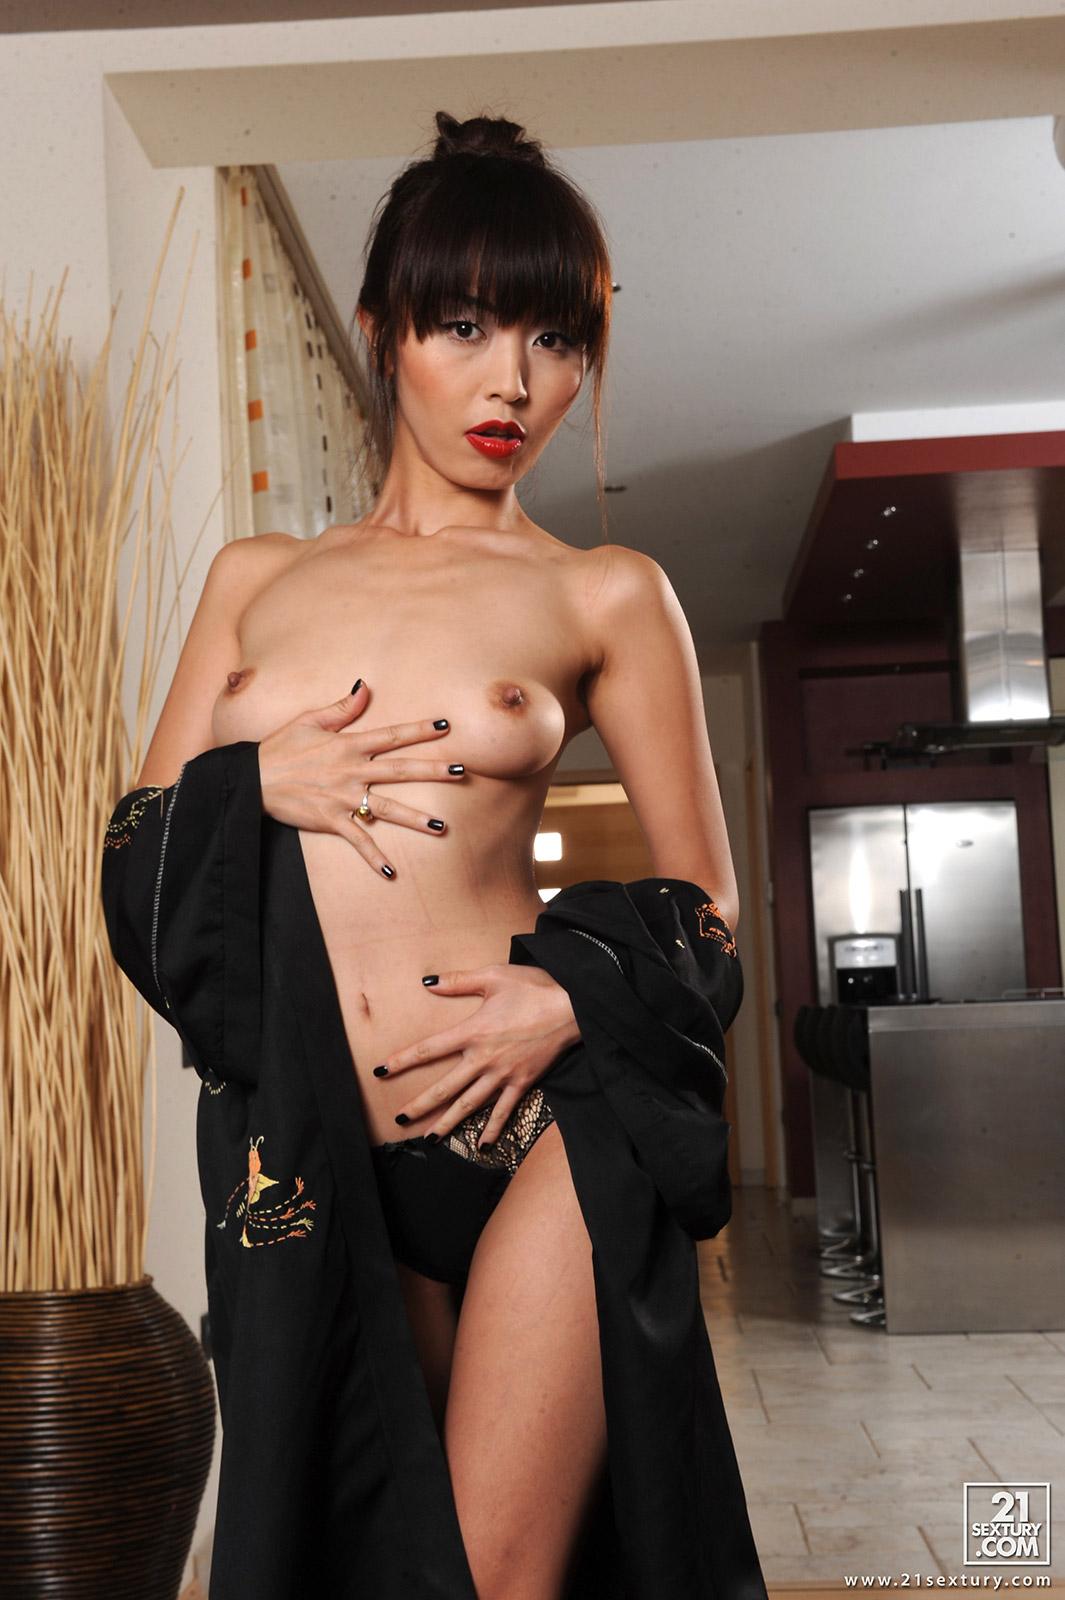 21-sextury-marica-hase-200342-05